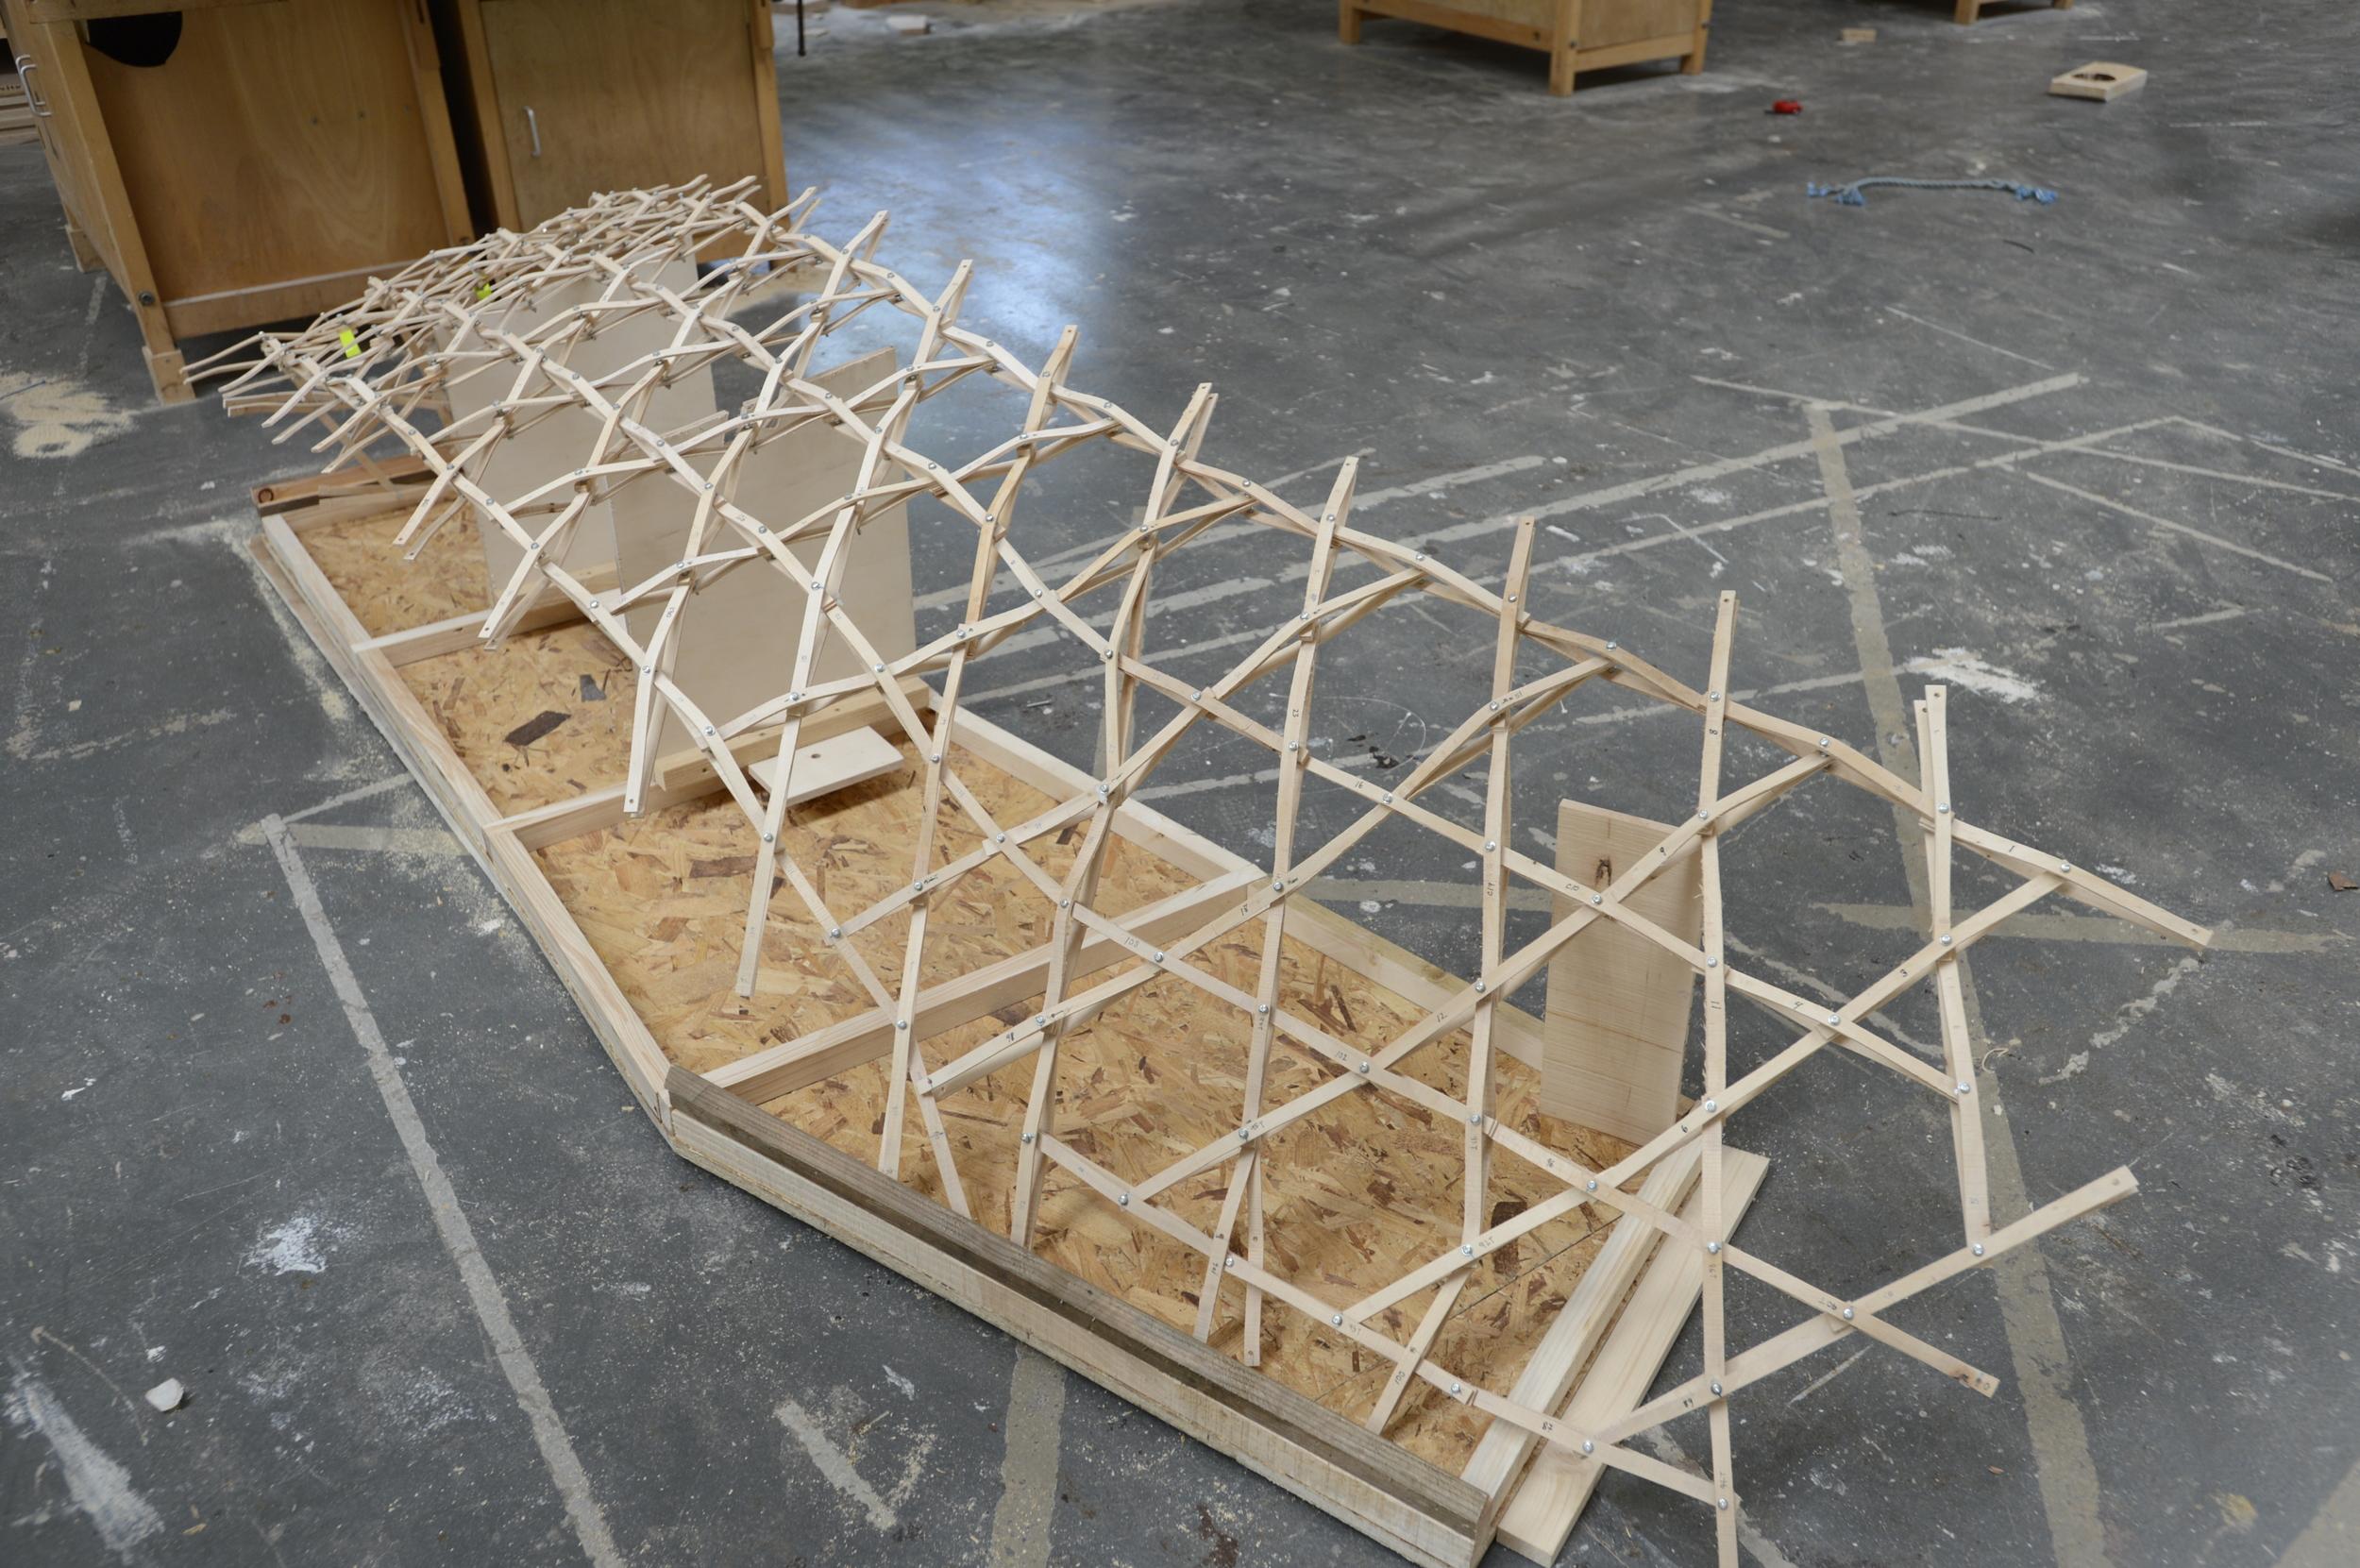 Hooke_Design_&_Make_Timber_Seasoning_Shelter_model_VB_2013_07_16_0019.JPG